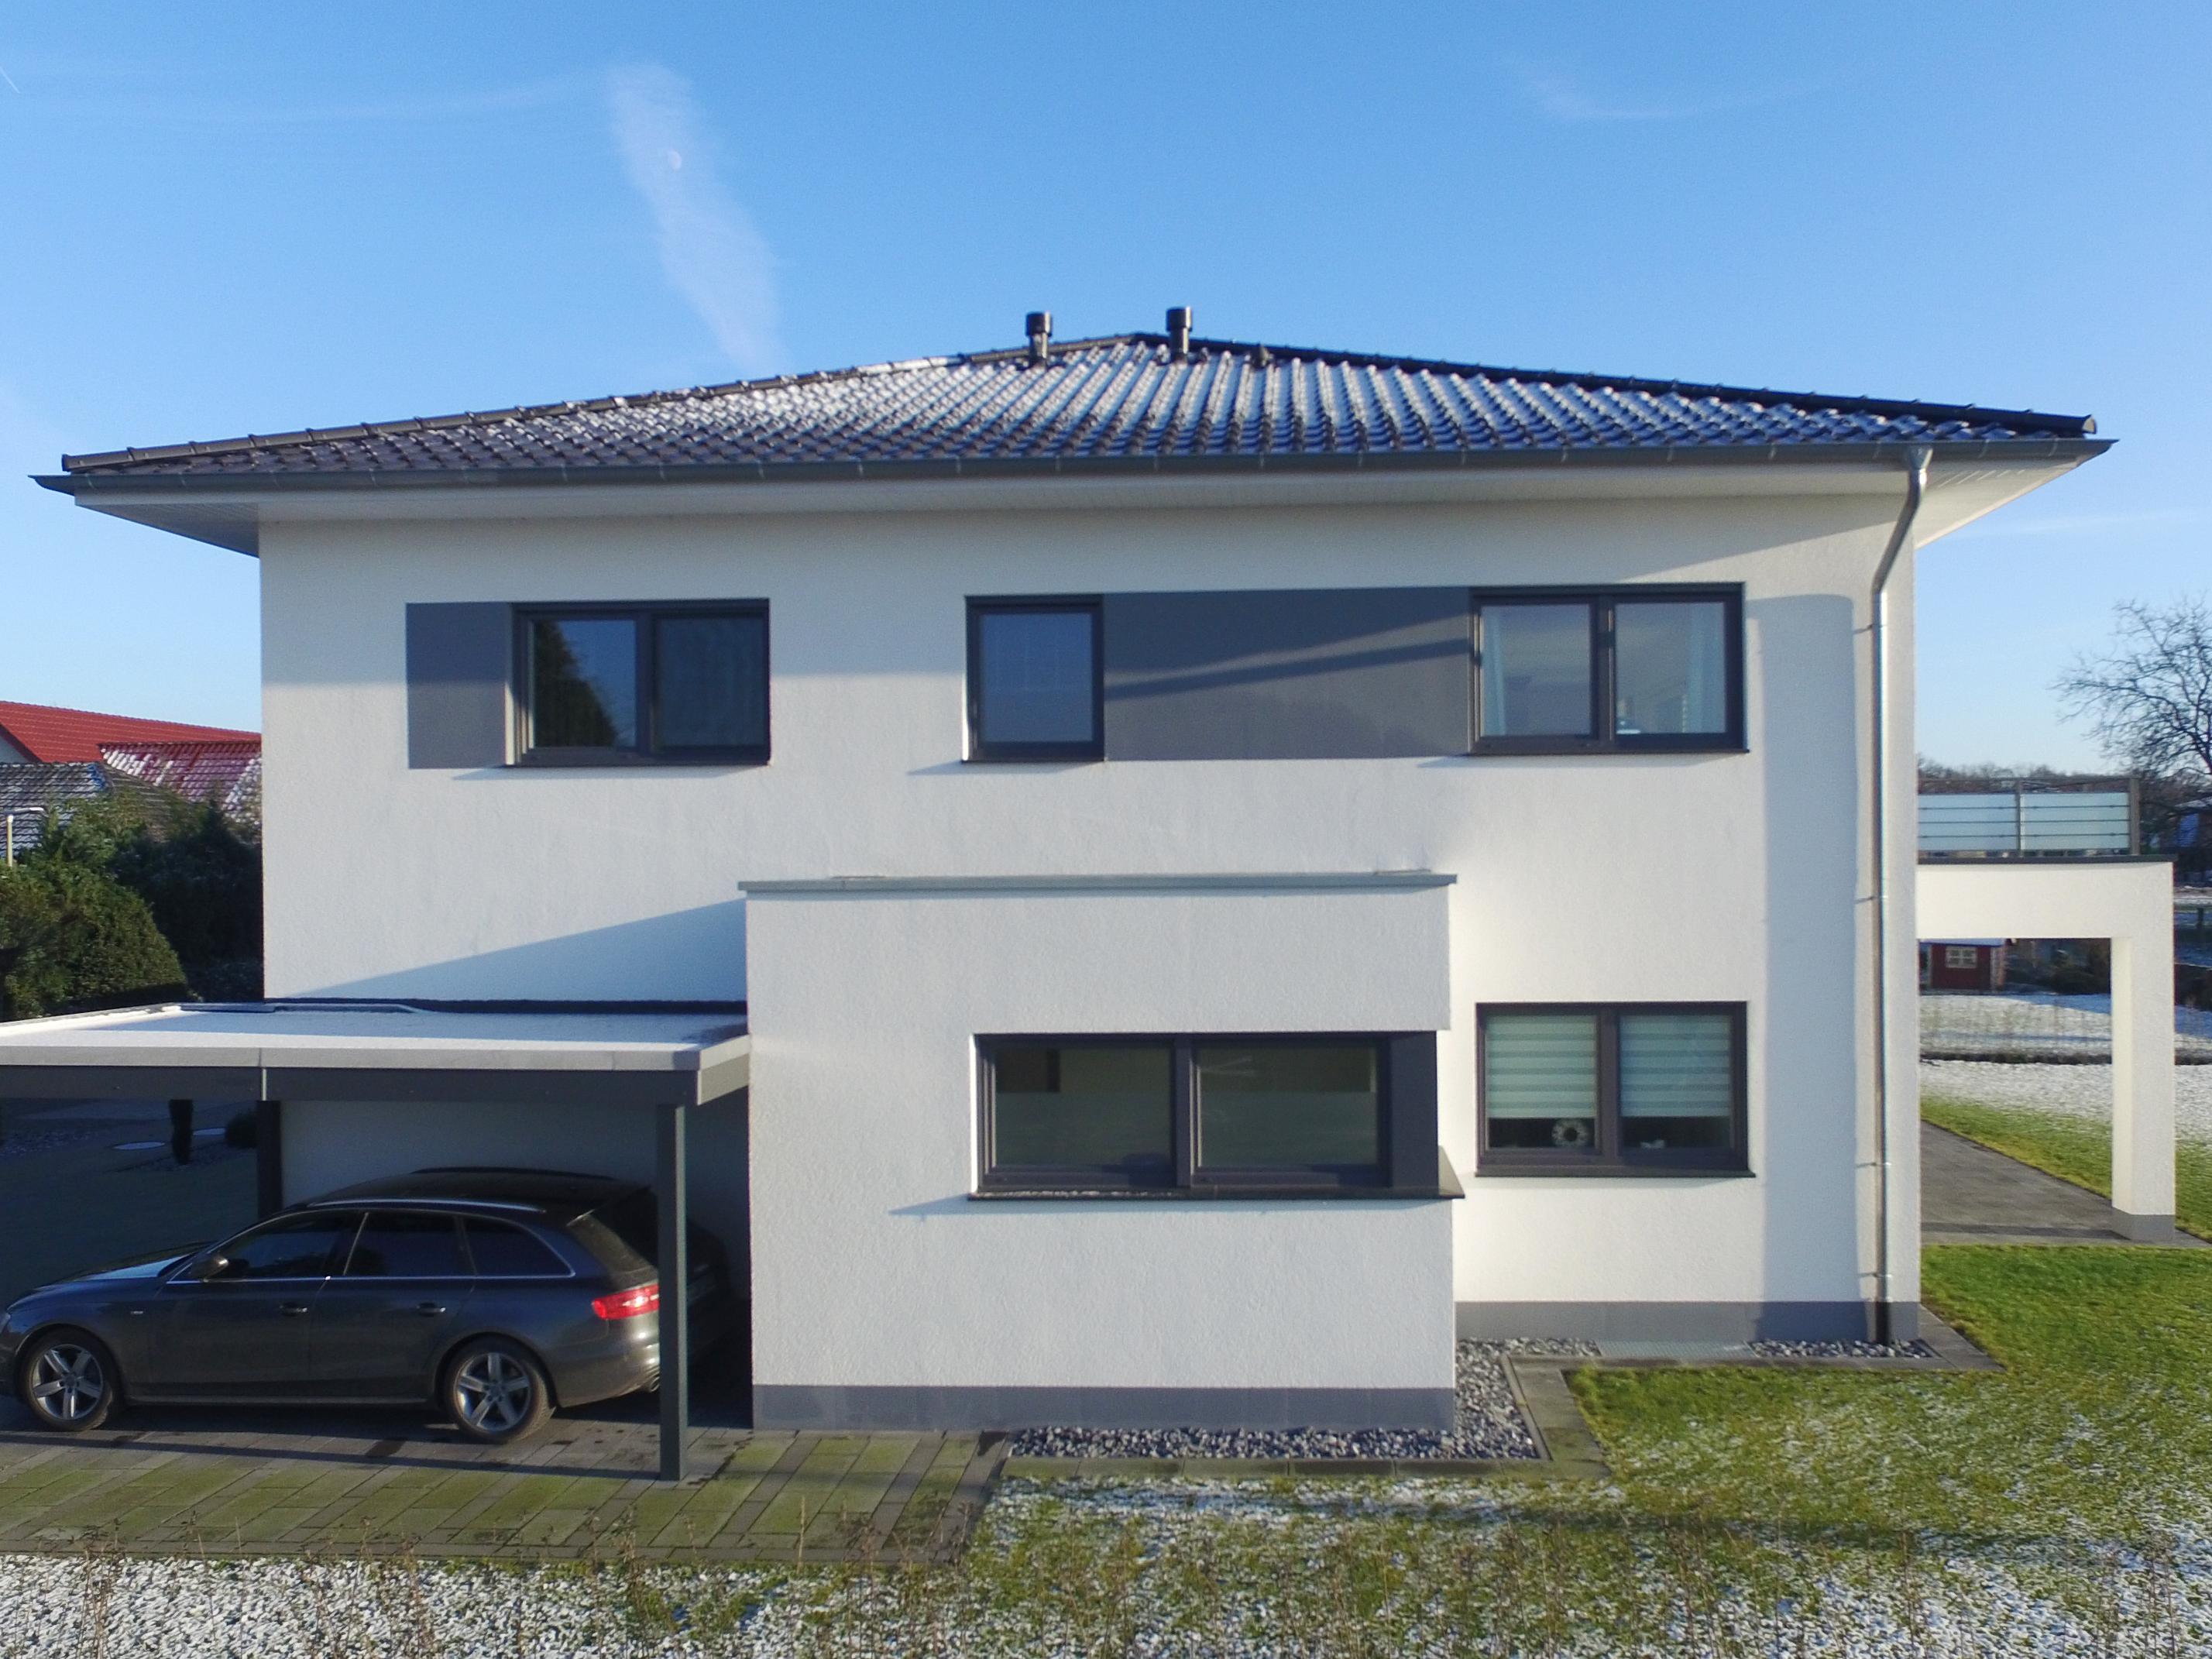 Moderne stadtvilla als zweifamilienhaus vorderbr ggen bau gmbh for Stadtvilla zweifamilienhaus